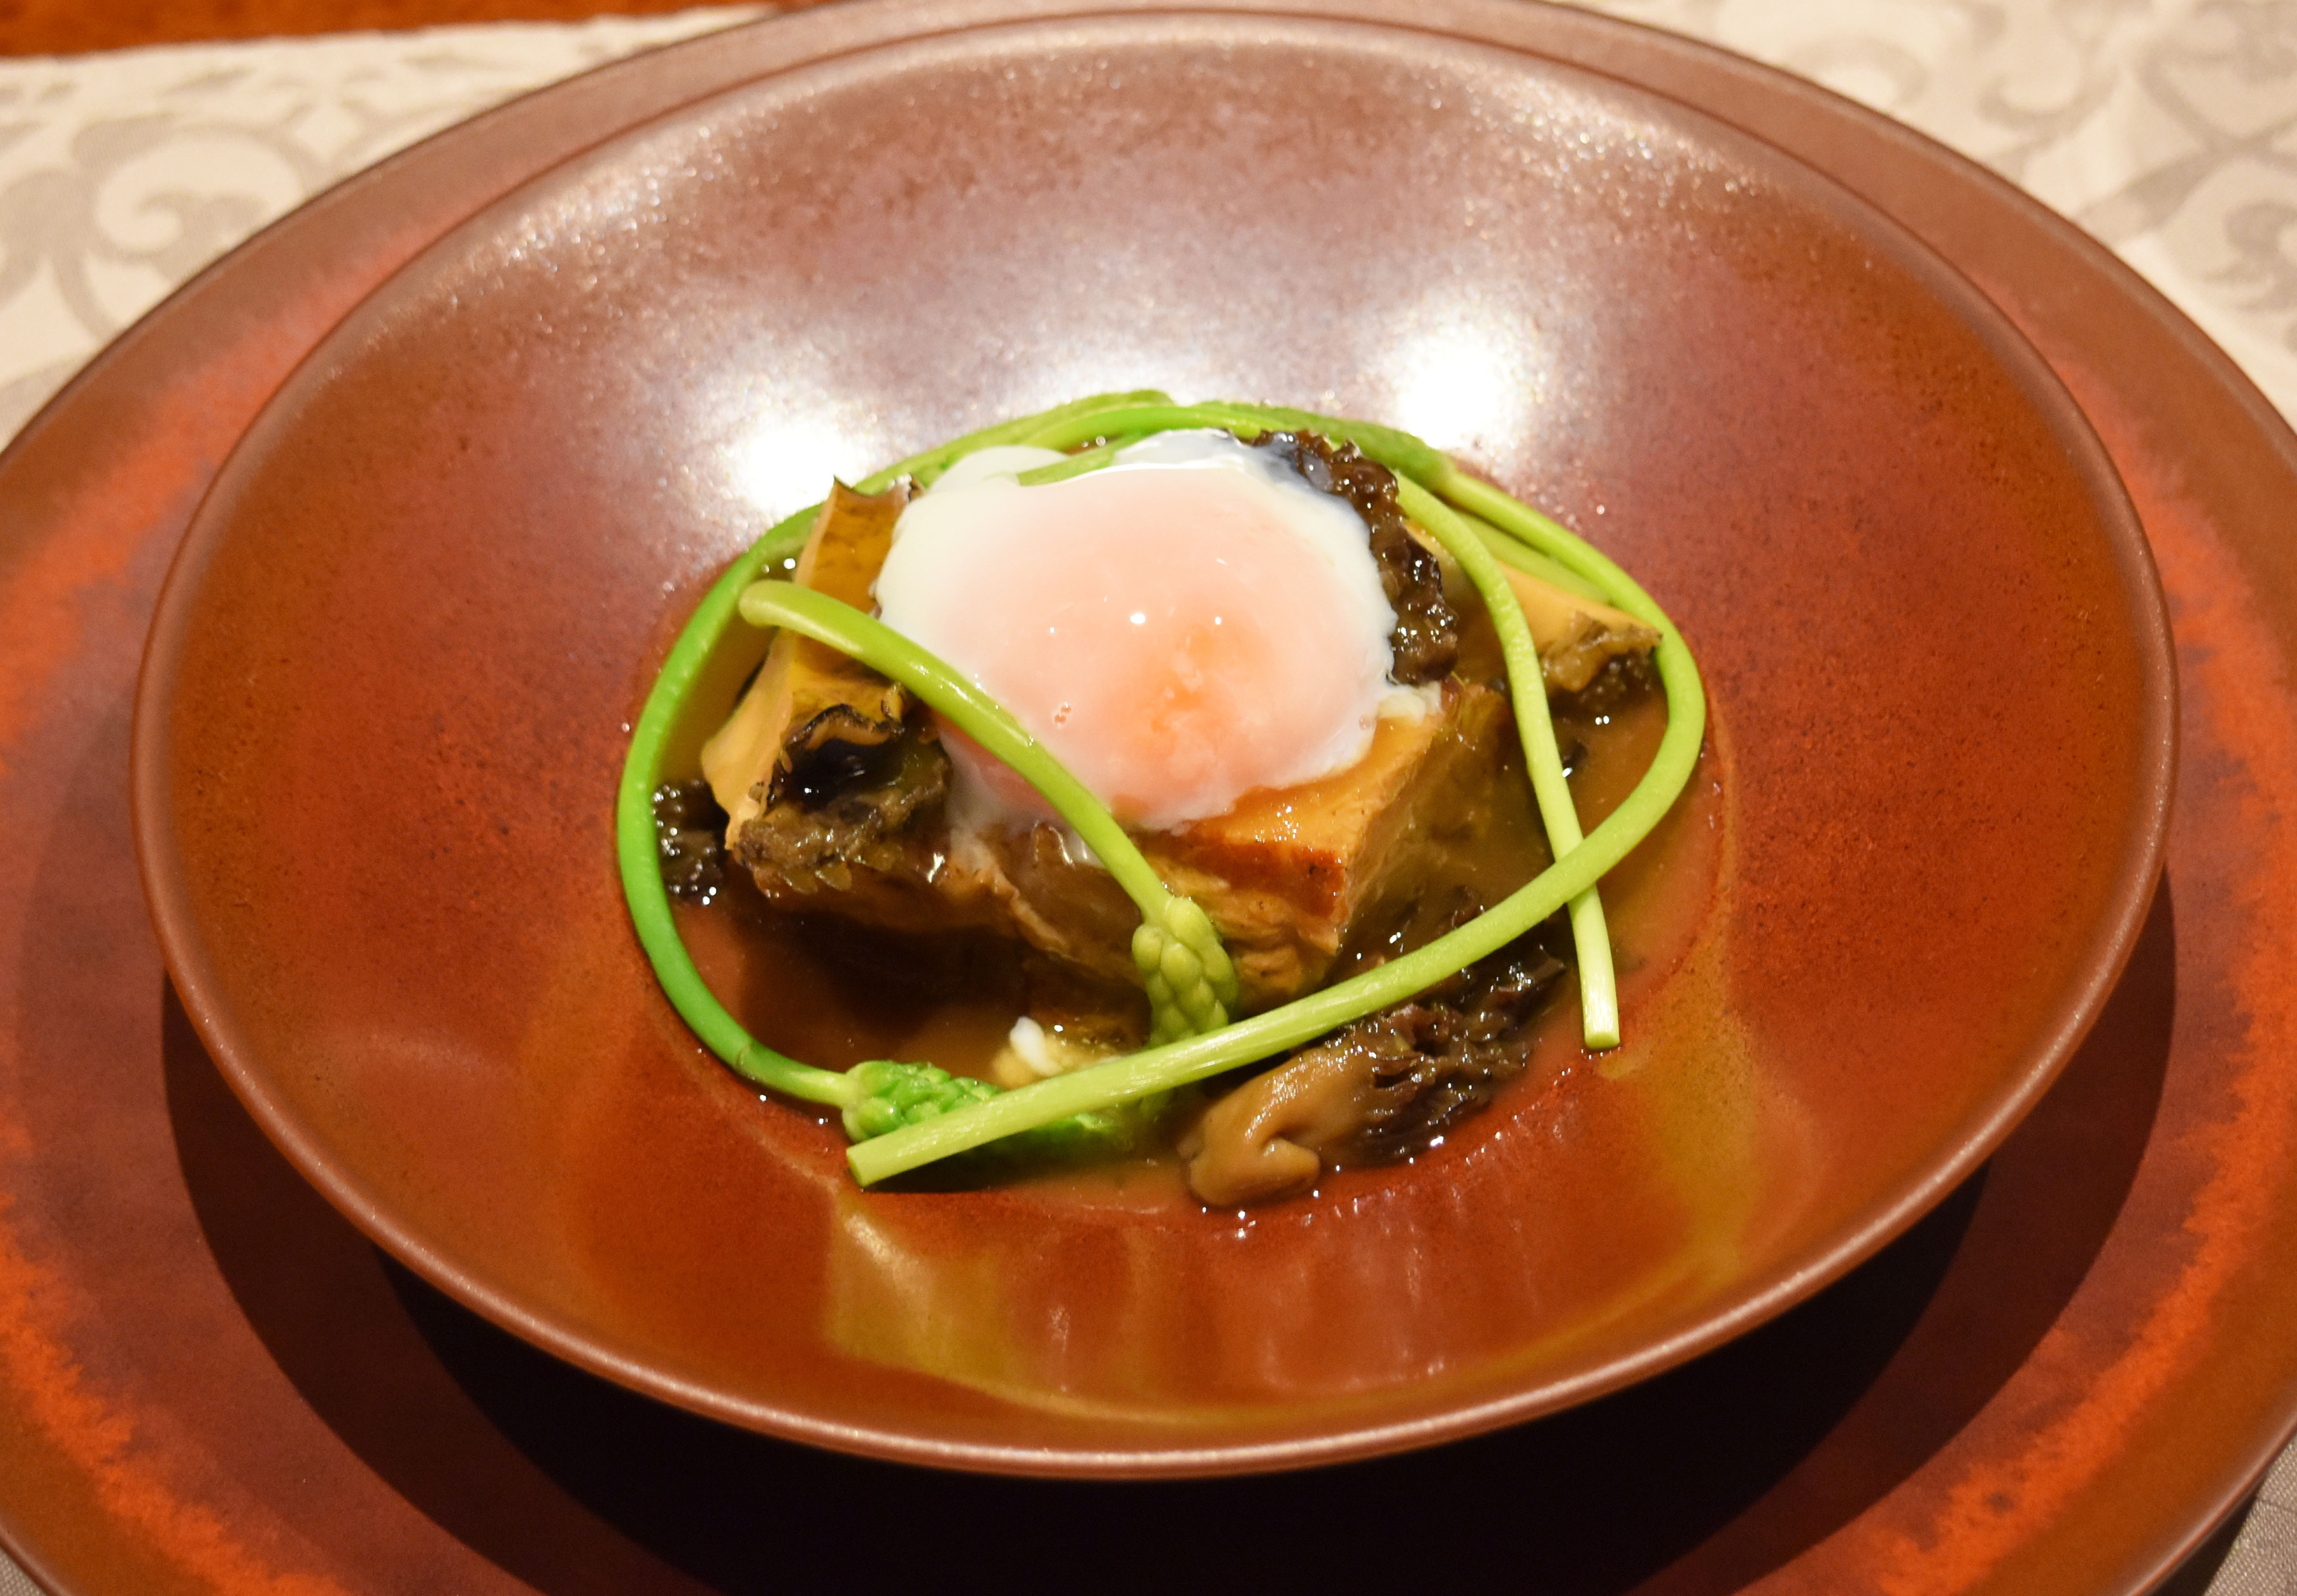 やわらかく煮込んだ東京X豚ばら肉と鮑の炊き合わせ アスパラソヴァージュと温泉玉子を添えて¥1,800(税別)